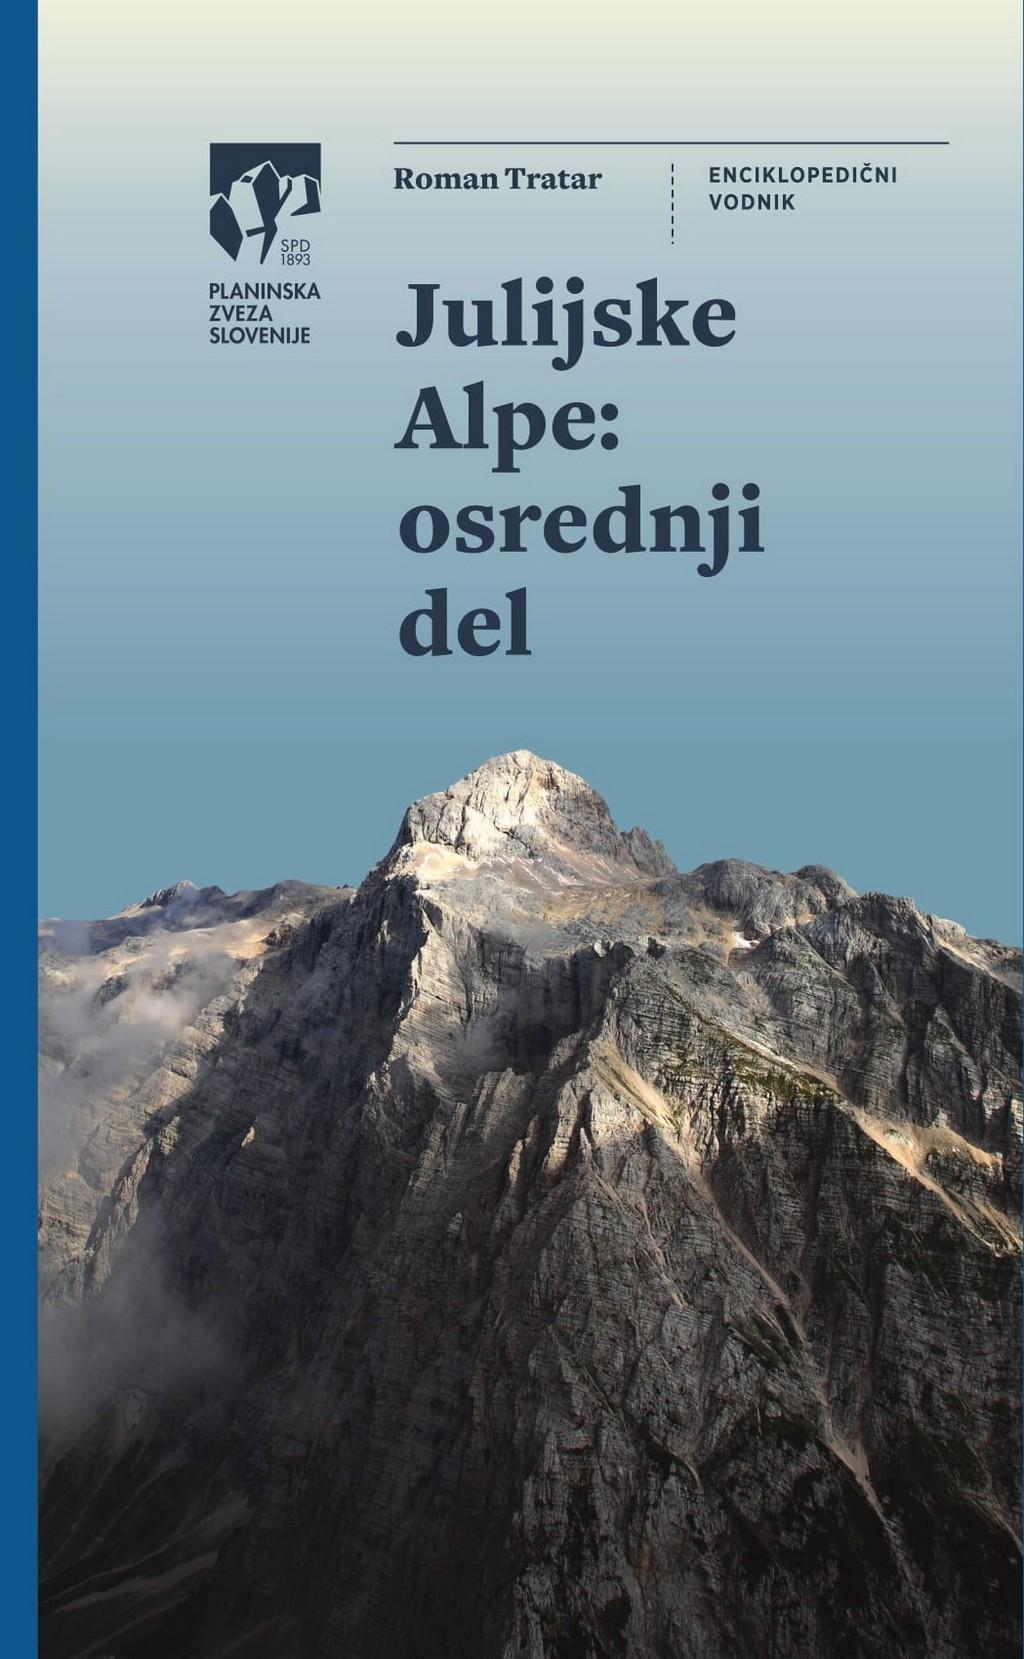 pz_pzs_julijske_alpe_osrednji_del_naslovnica